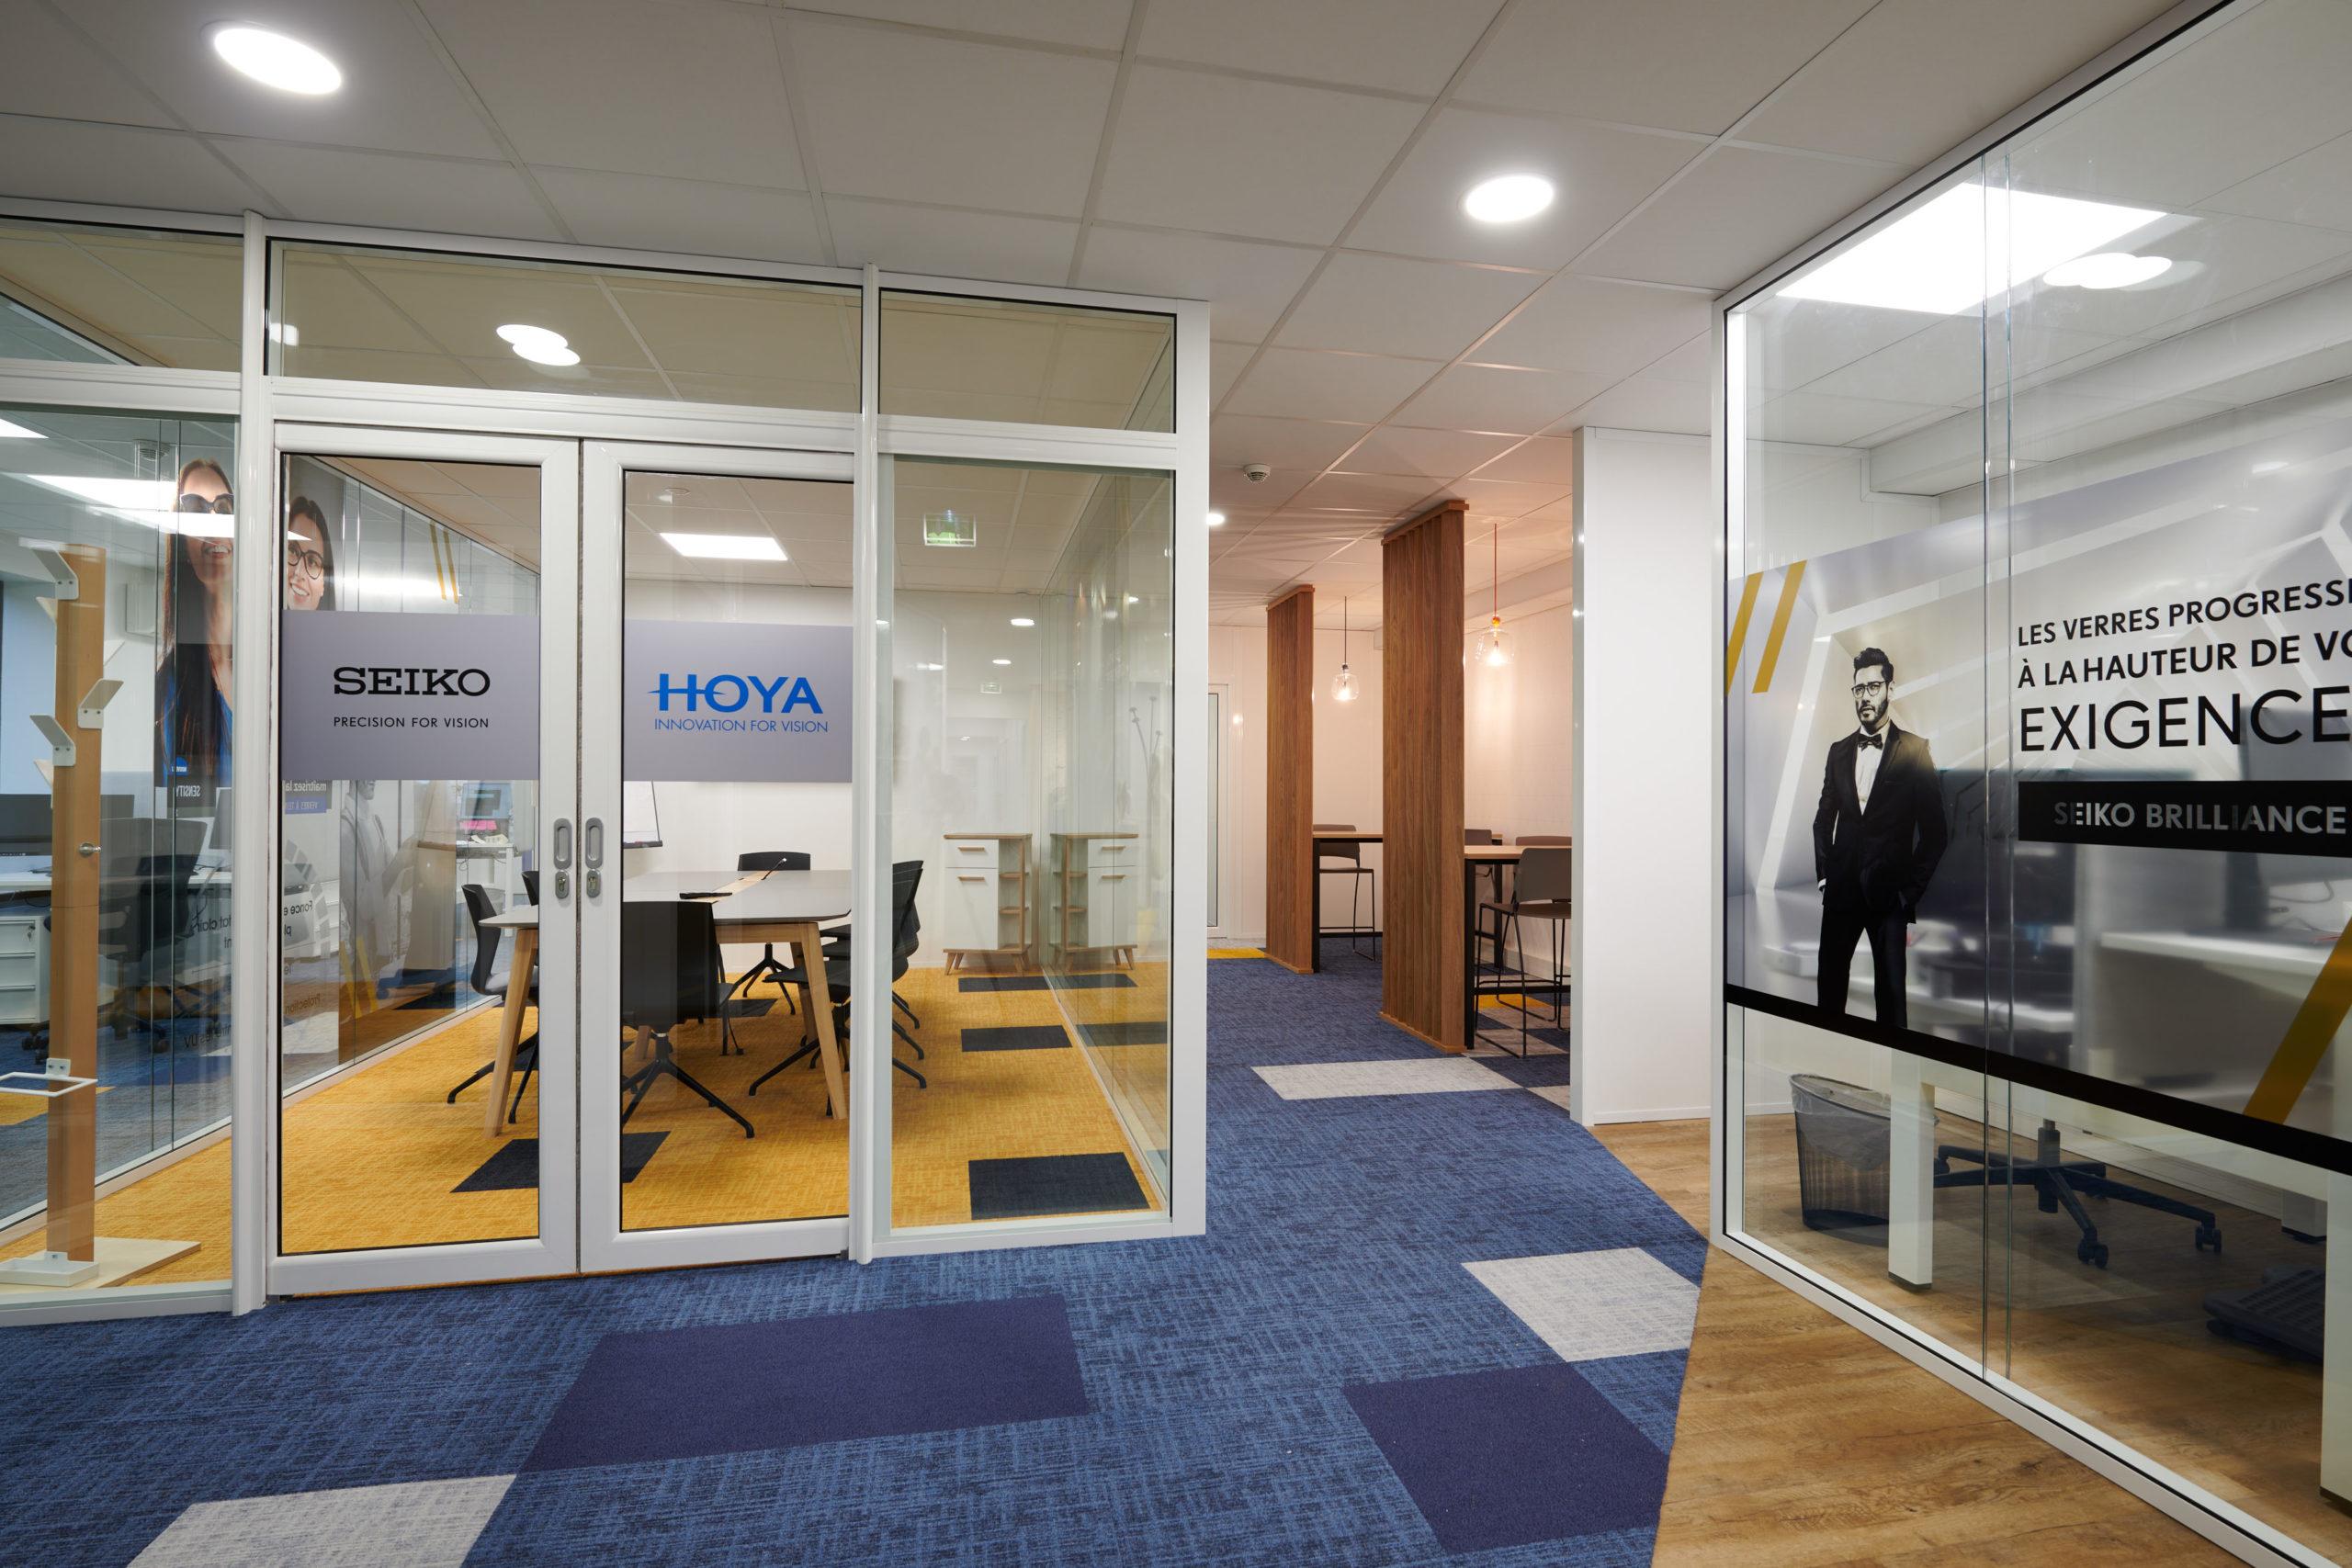 Hoya-moquette acoustique-cloison vitrée-porte manteau-film